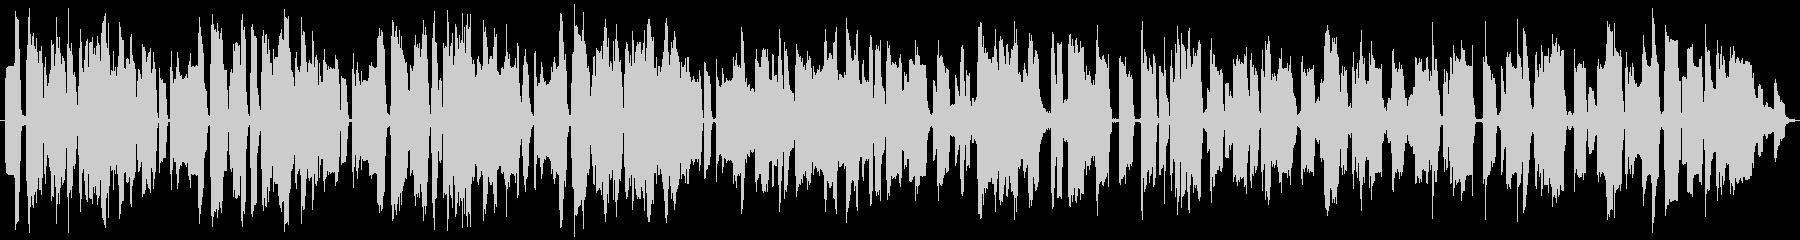 本物サックスで明るいゲーム音楽のような曲の未再生の波形